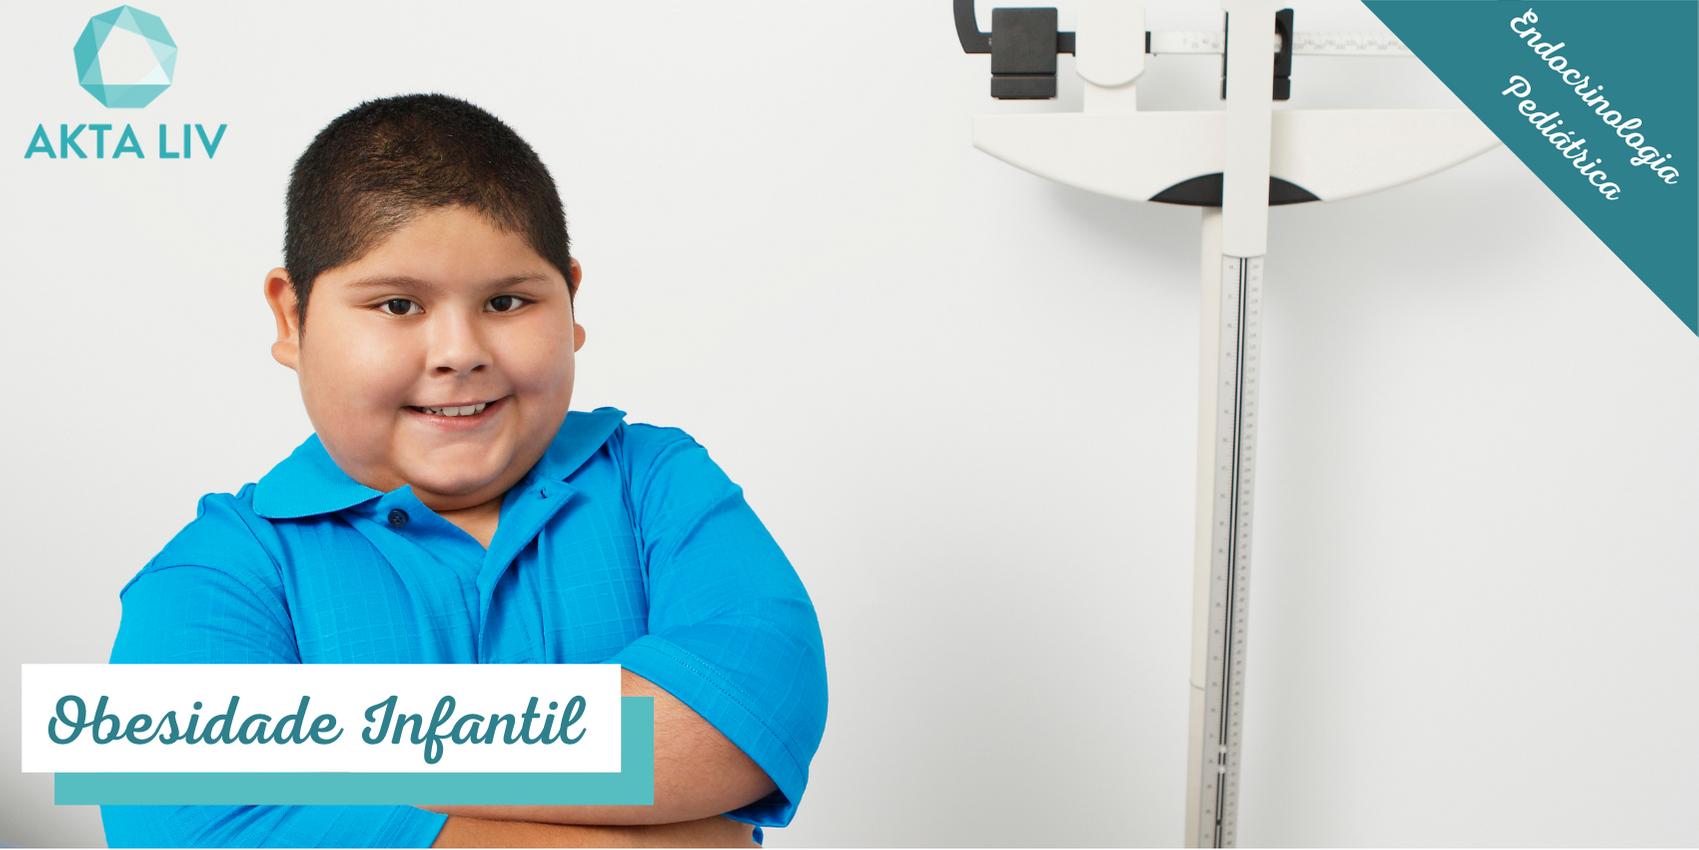 AKTA-Liv-Endocrinologia-Integrada-obesidade-infantil